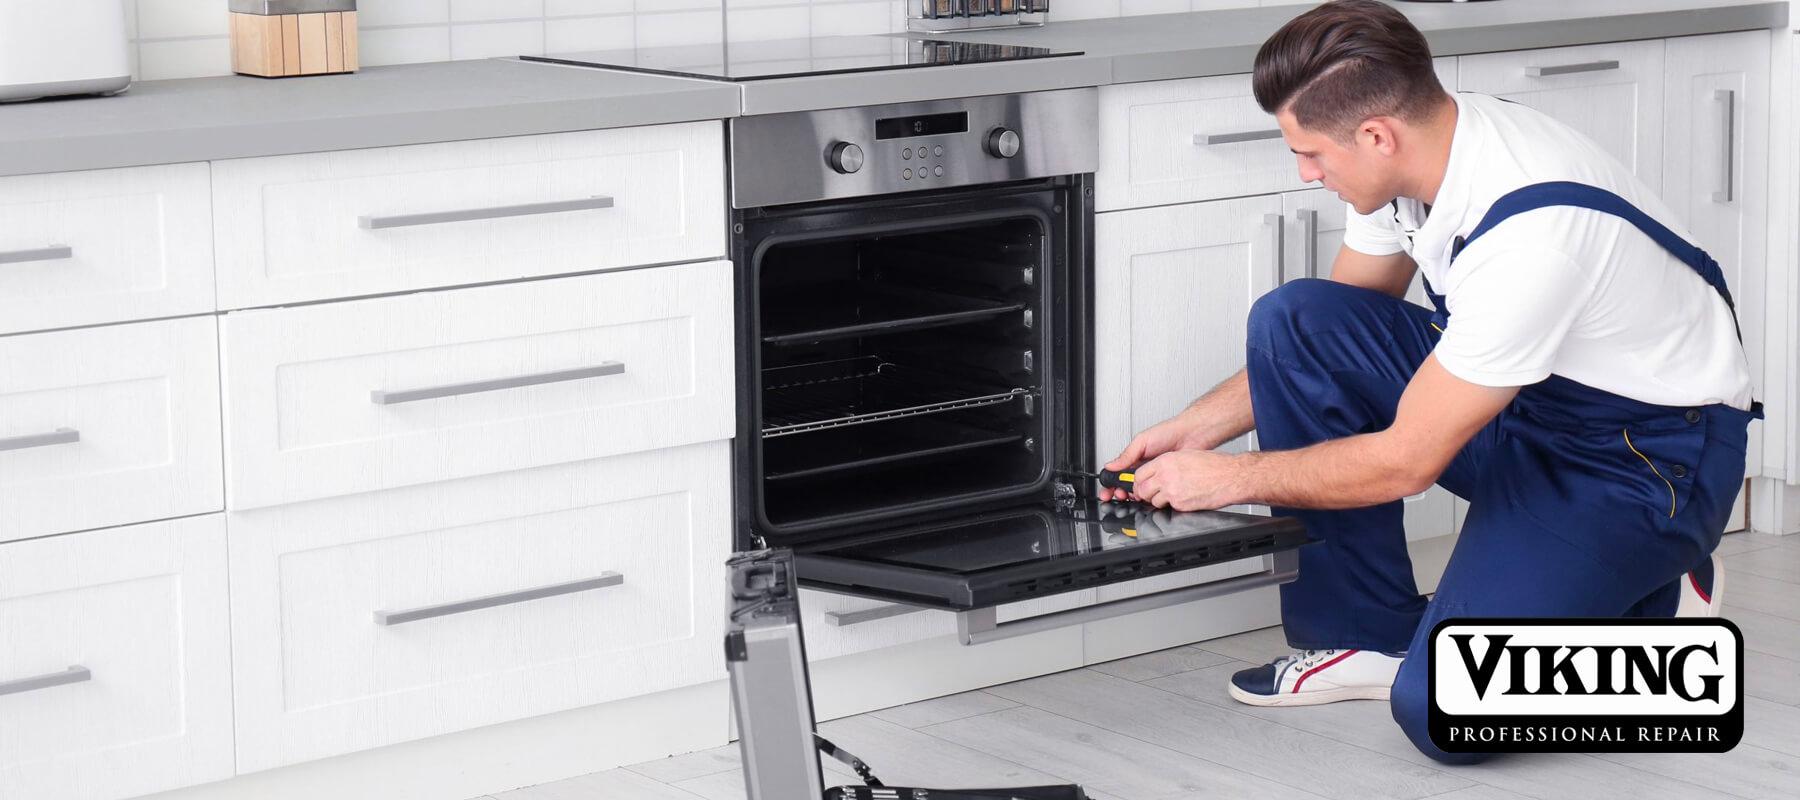 Expert Viking Appliance Repair | Professional Viking Repair